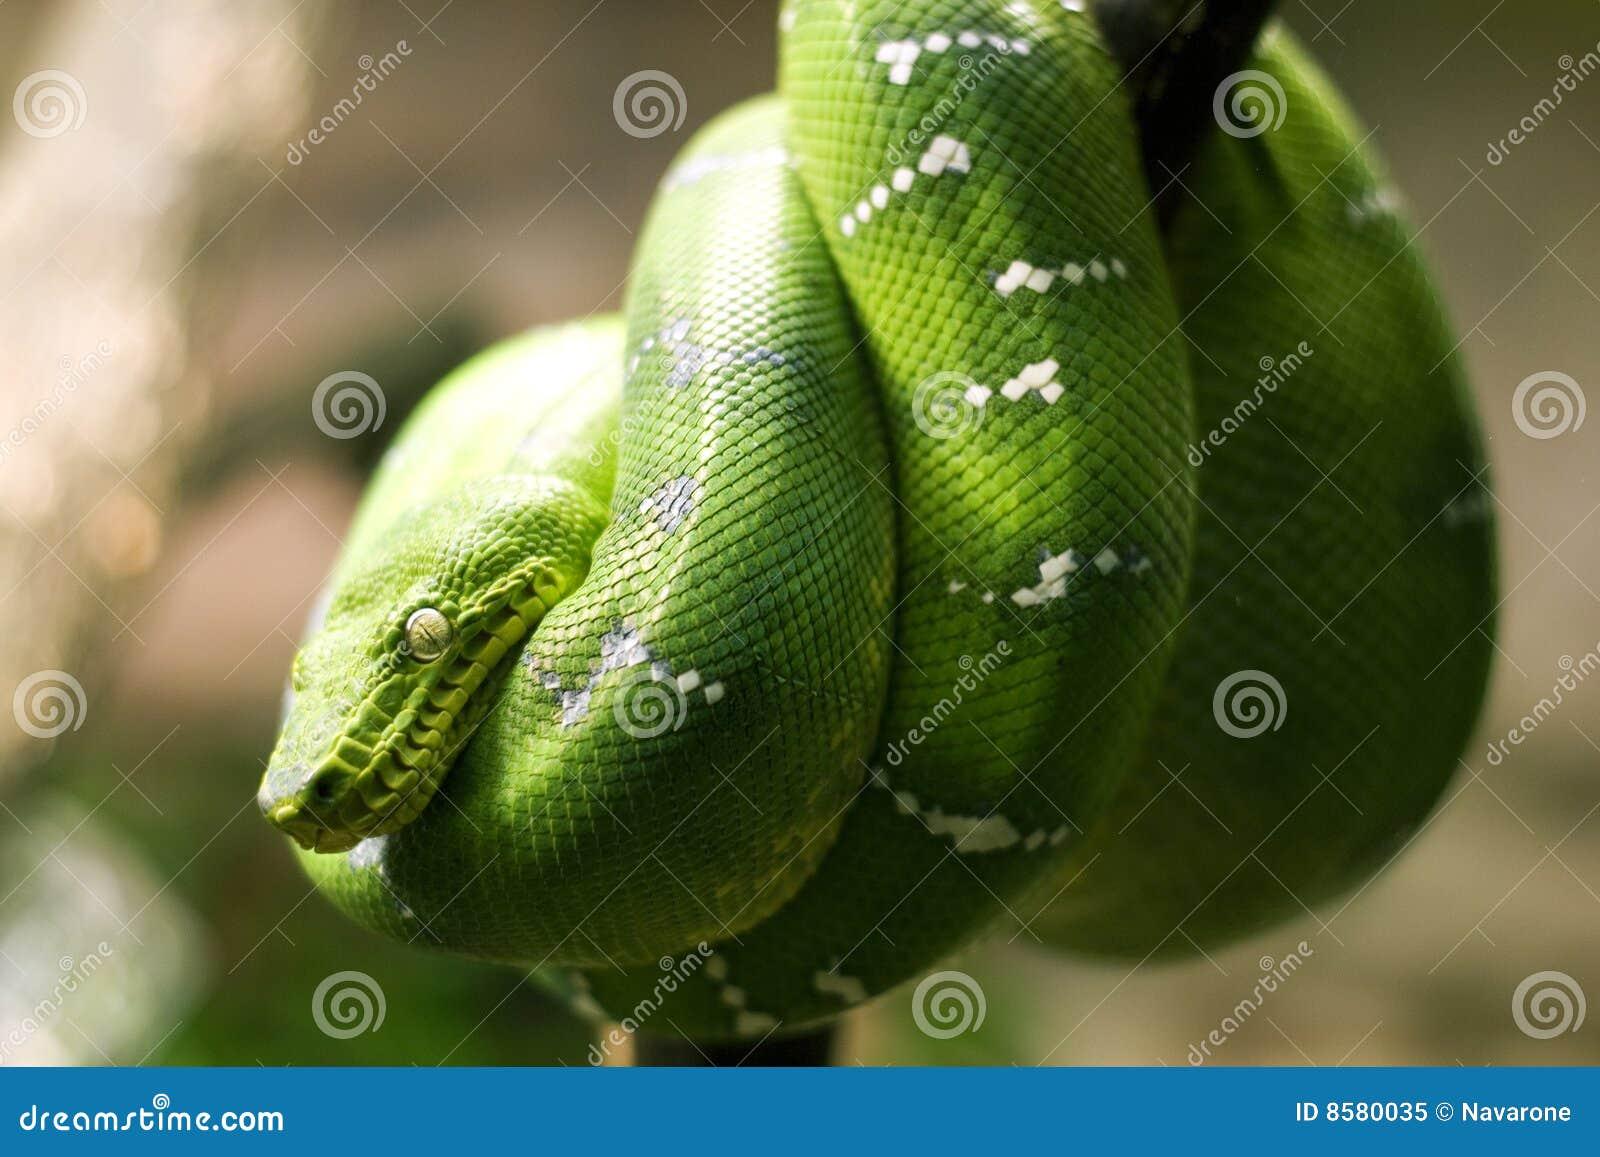 Smaragdgroene boaslang